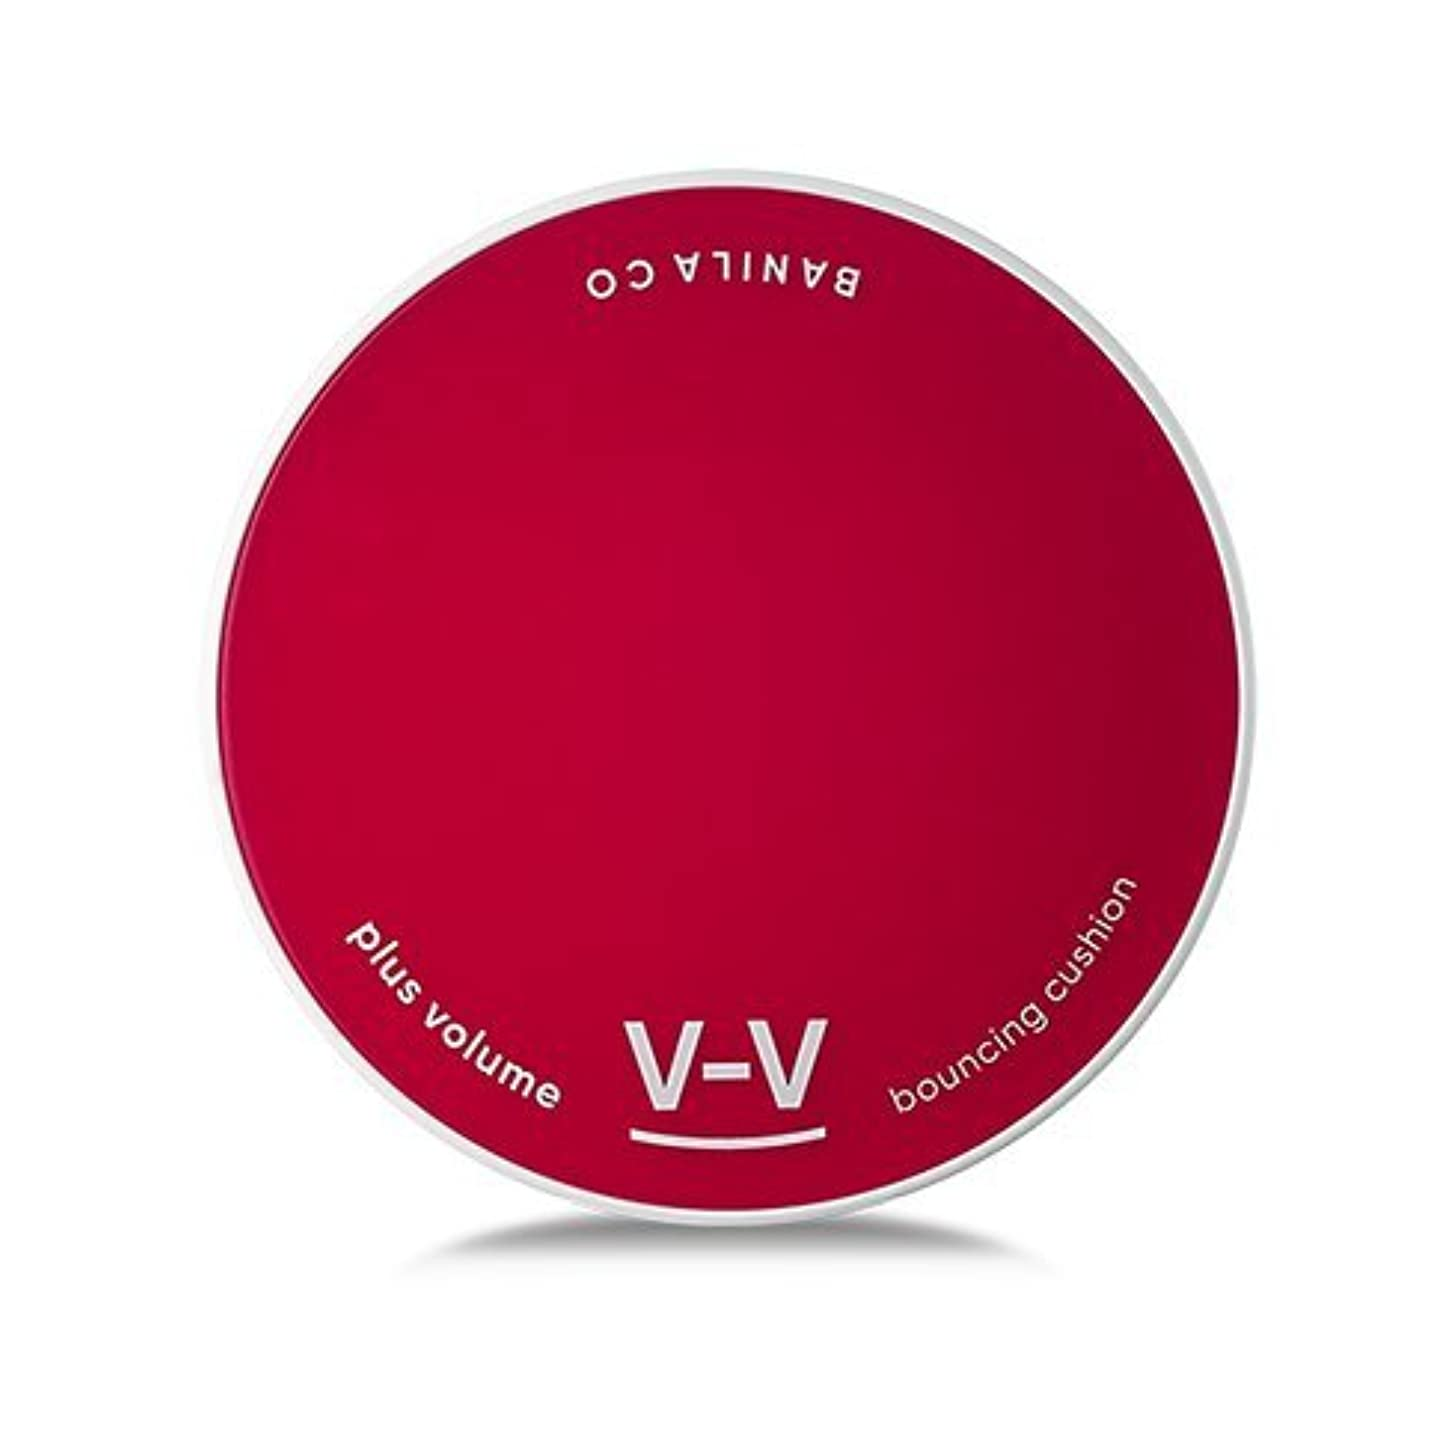 提案スティックセールスマン[Renewal] BANILA CO V-V Bouncing Cushion 15g + Refill 15g/バニラコ ブイ ブイ バウンシング クッション 15g + リフィル 15g (#BE10) [並行輸入品]